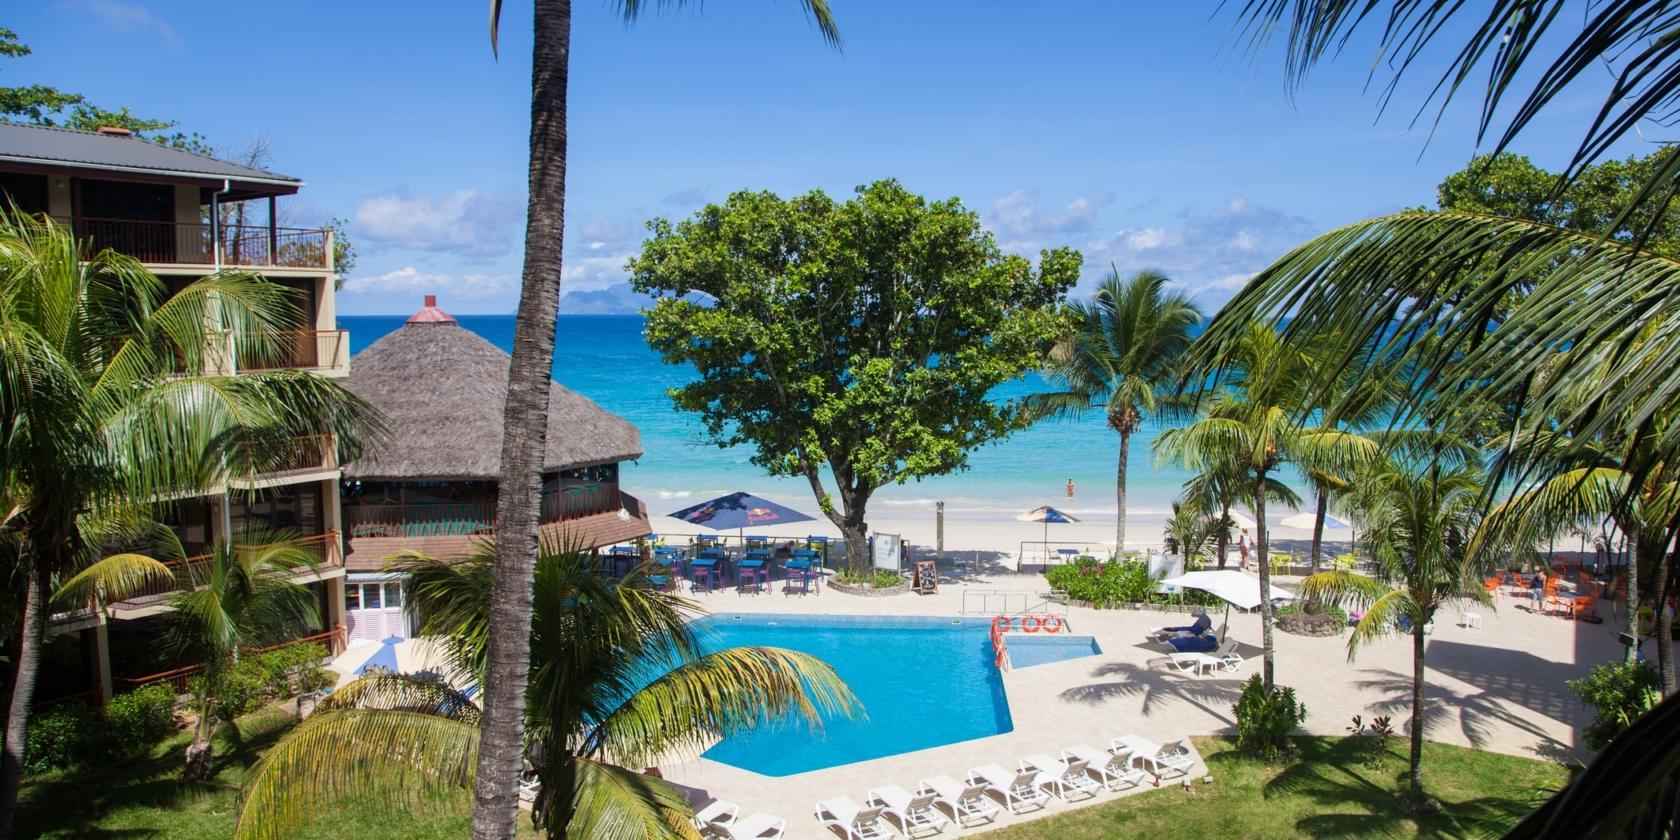 Coral Strand Hotel - uitzicht op zwembad en zee